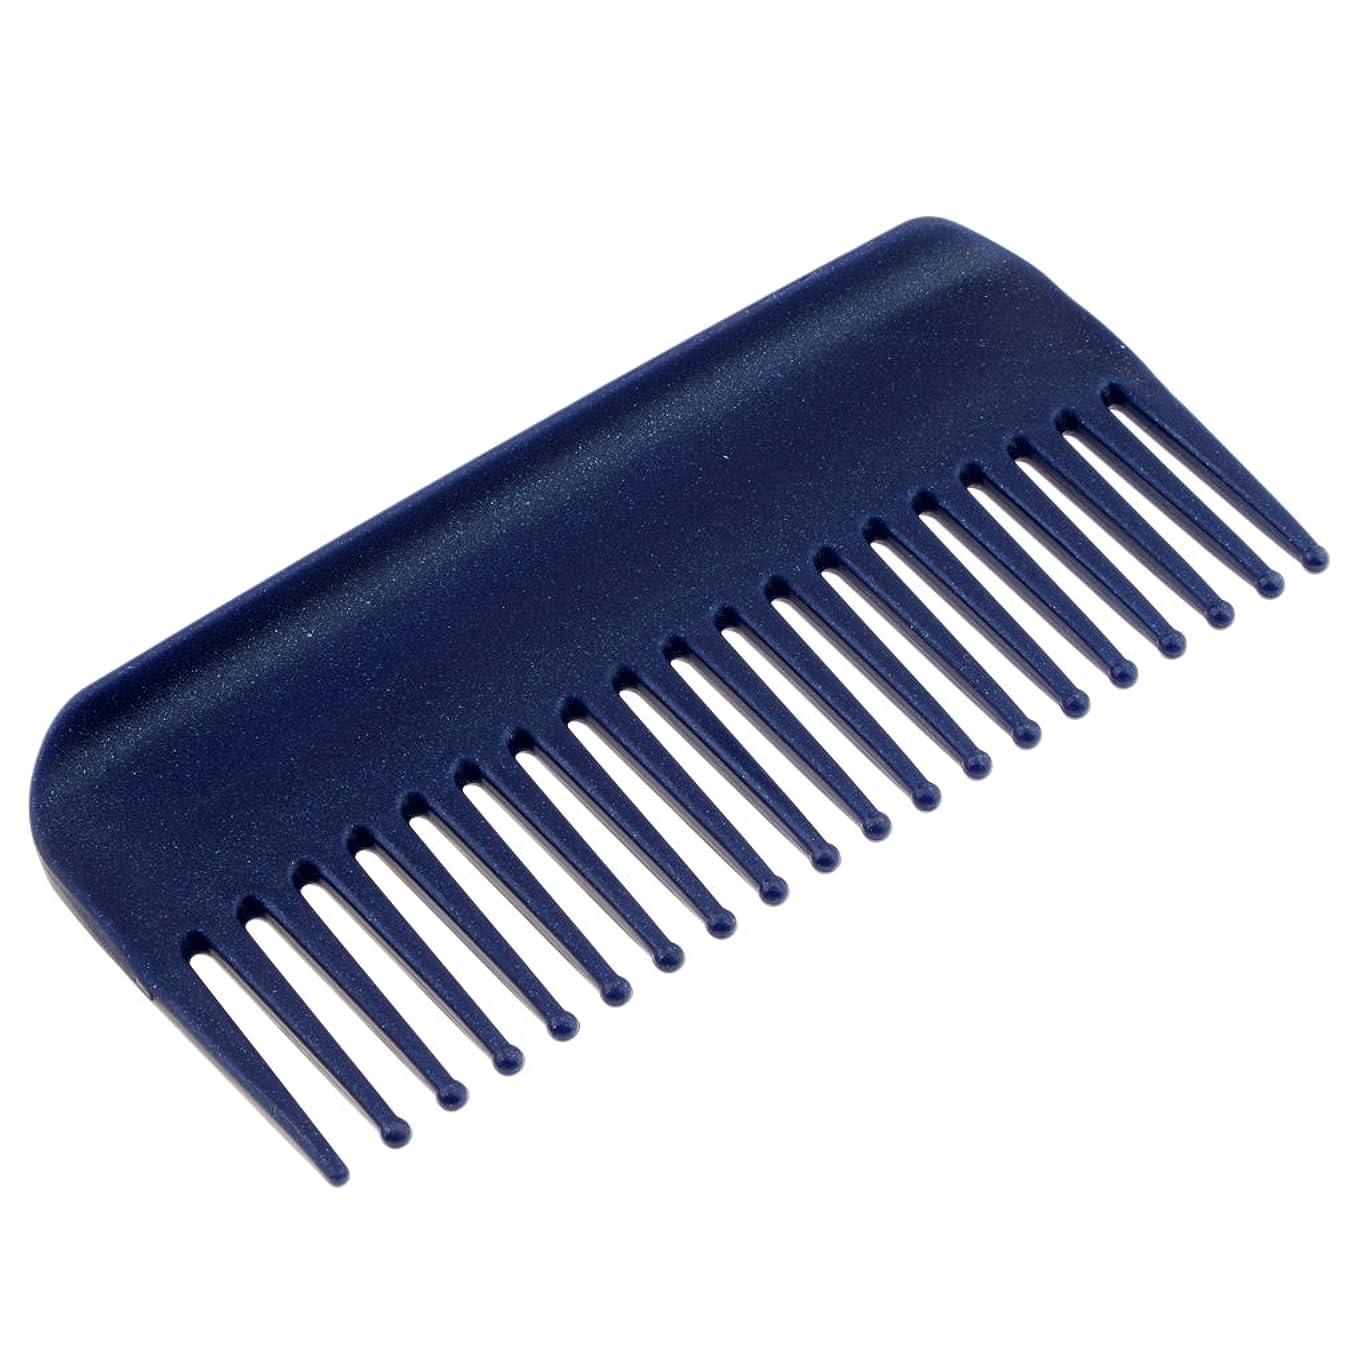 休憩する国際最終的にPerfk ヘアブラシ ヘアコーム コーム 櫛 くし 頭皮 マッサージ 耐熱性 帯電防止 高品質 4色選べる - 青